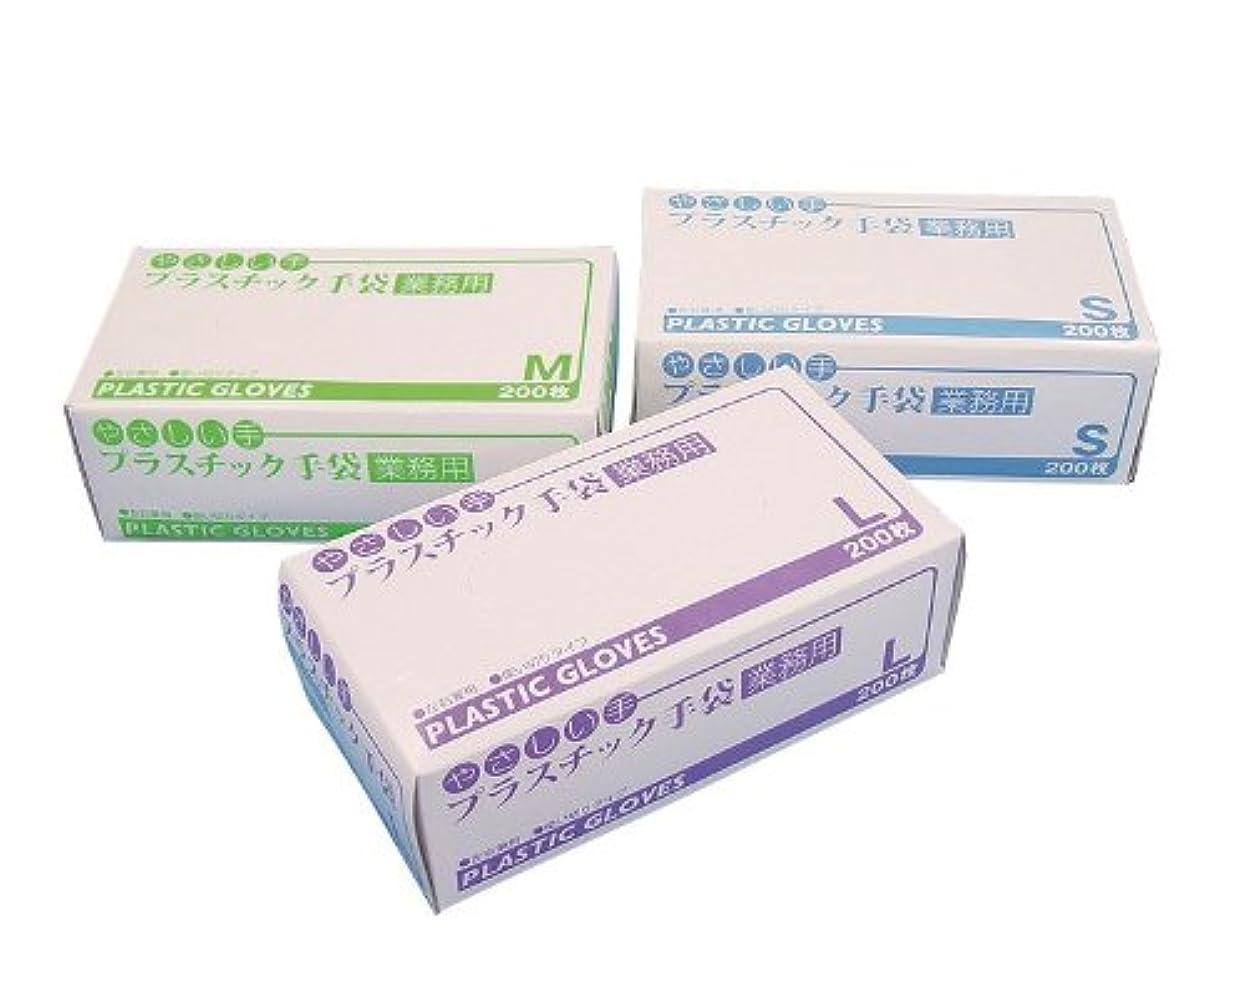 群がる拒絶レジやさしい手 プラスチック手袋 業務用 OM-460 200枚入/Mサイズ